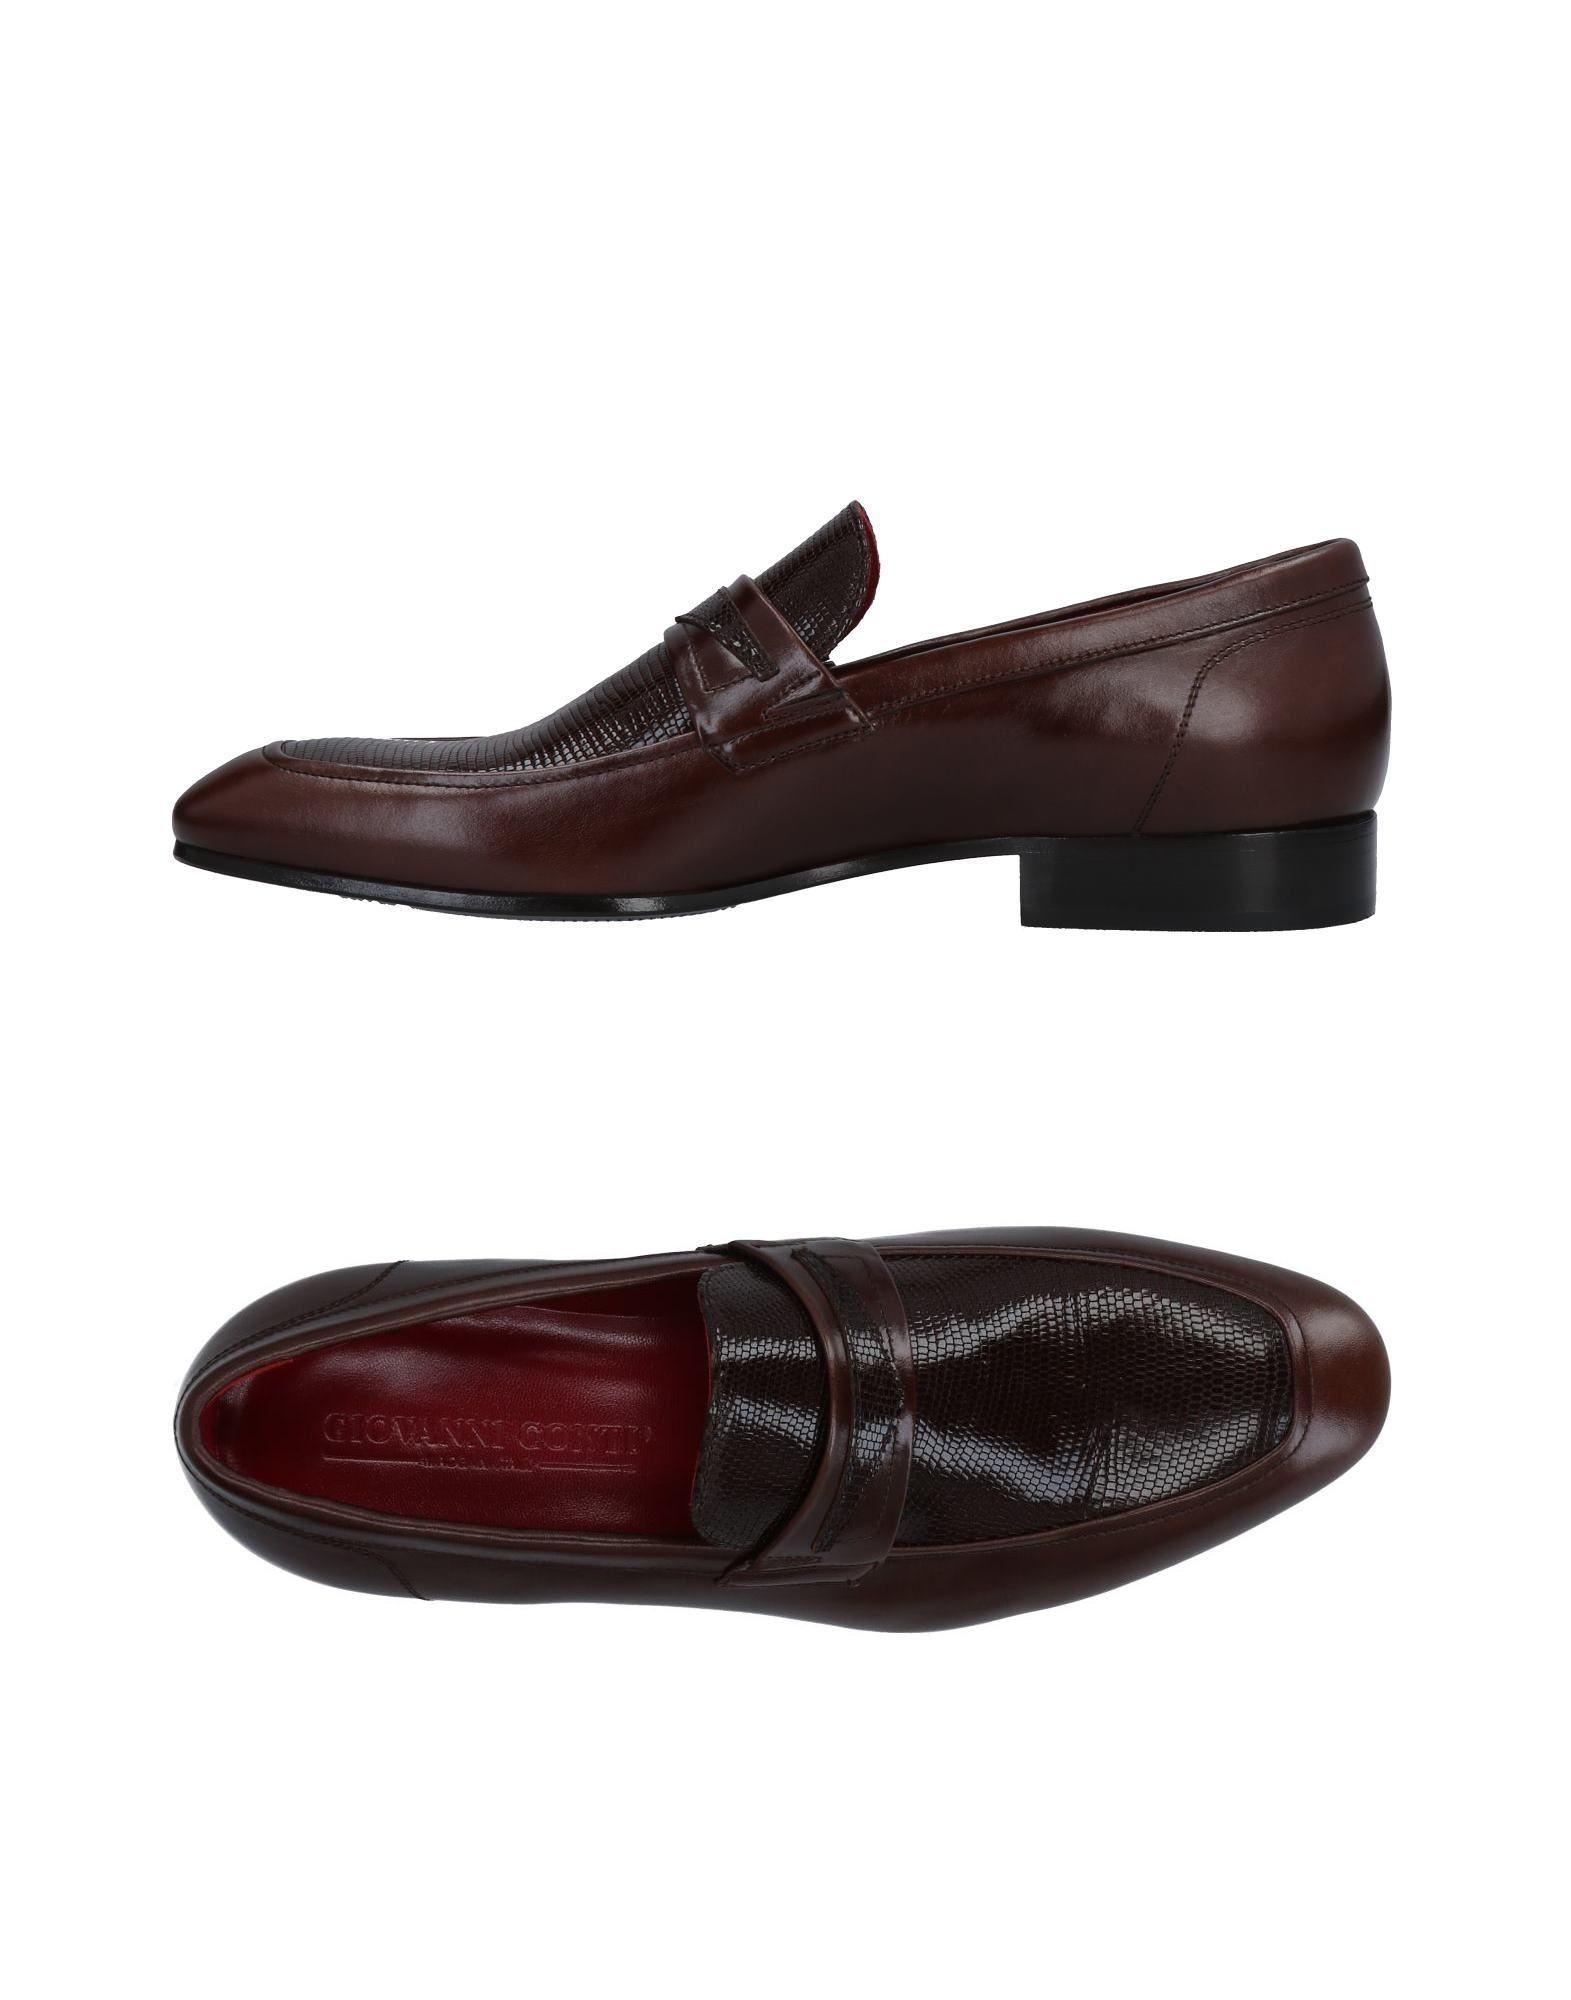 Giovanni Conti Mokassins Herren  11471638DK Gute Qualität beliebte Schuhe